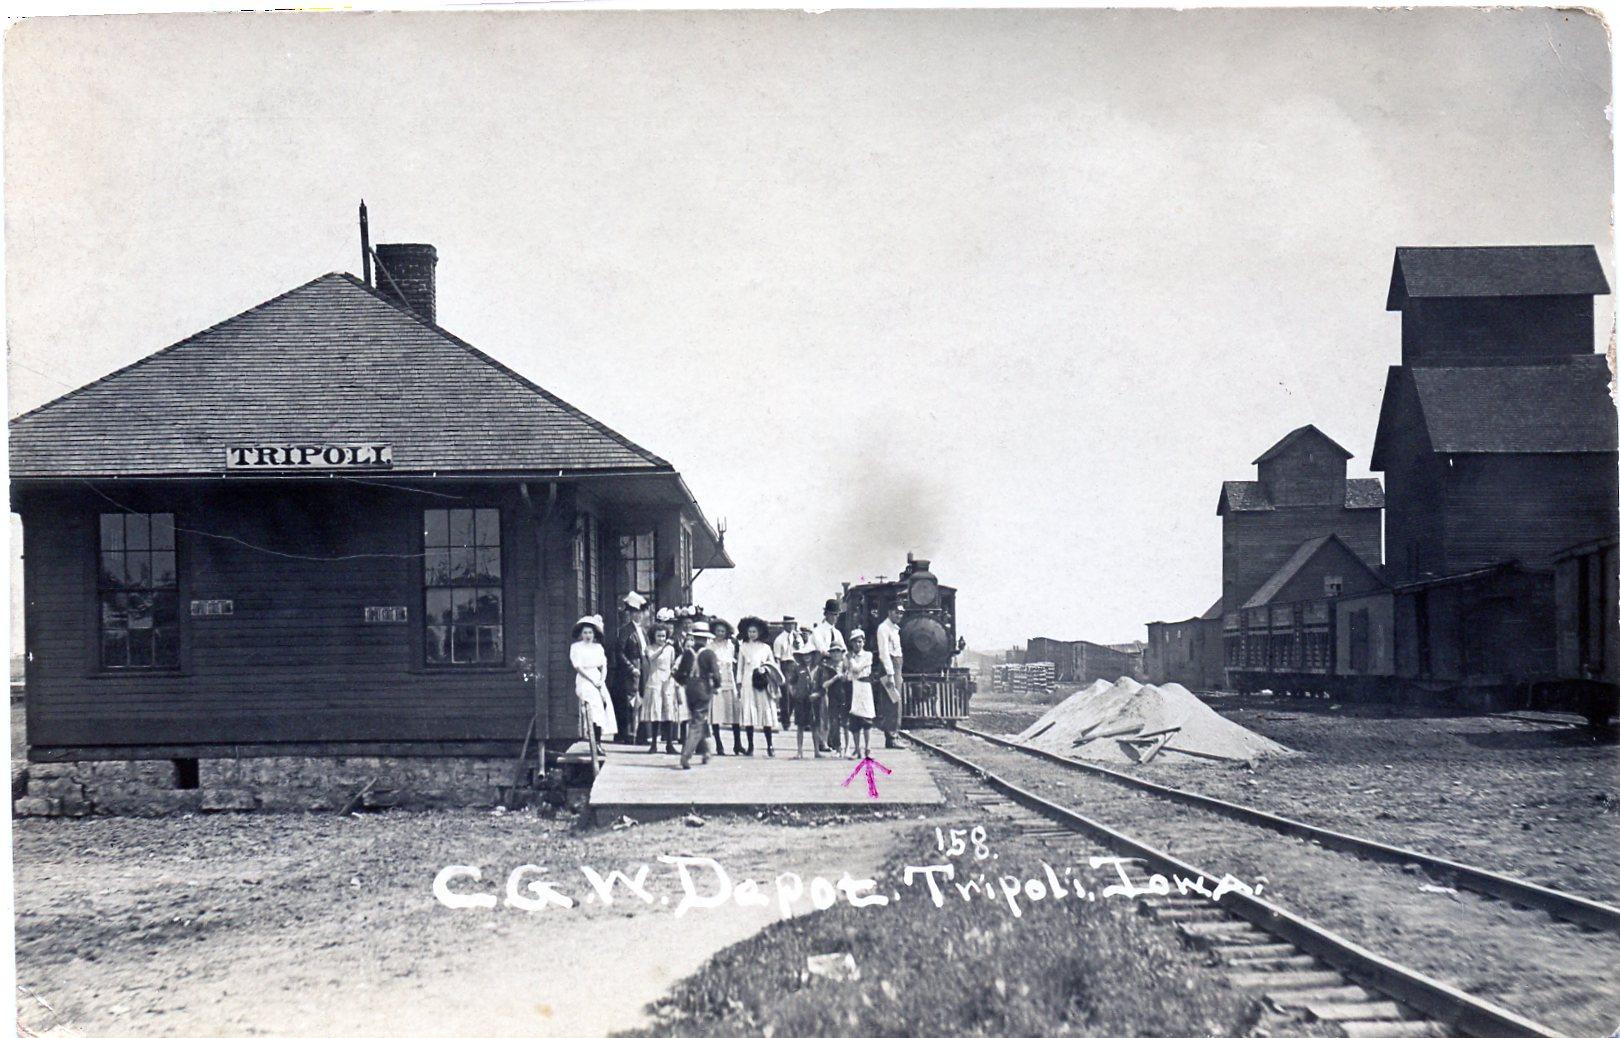 Tripoli Train Depot